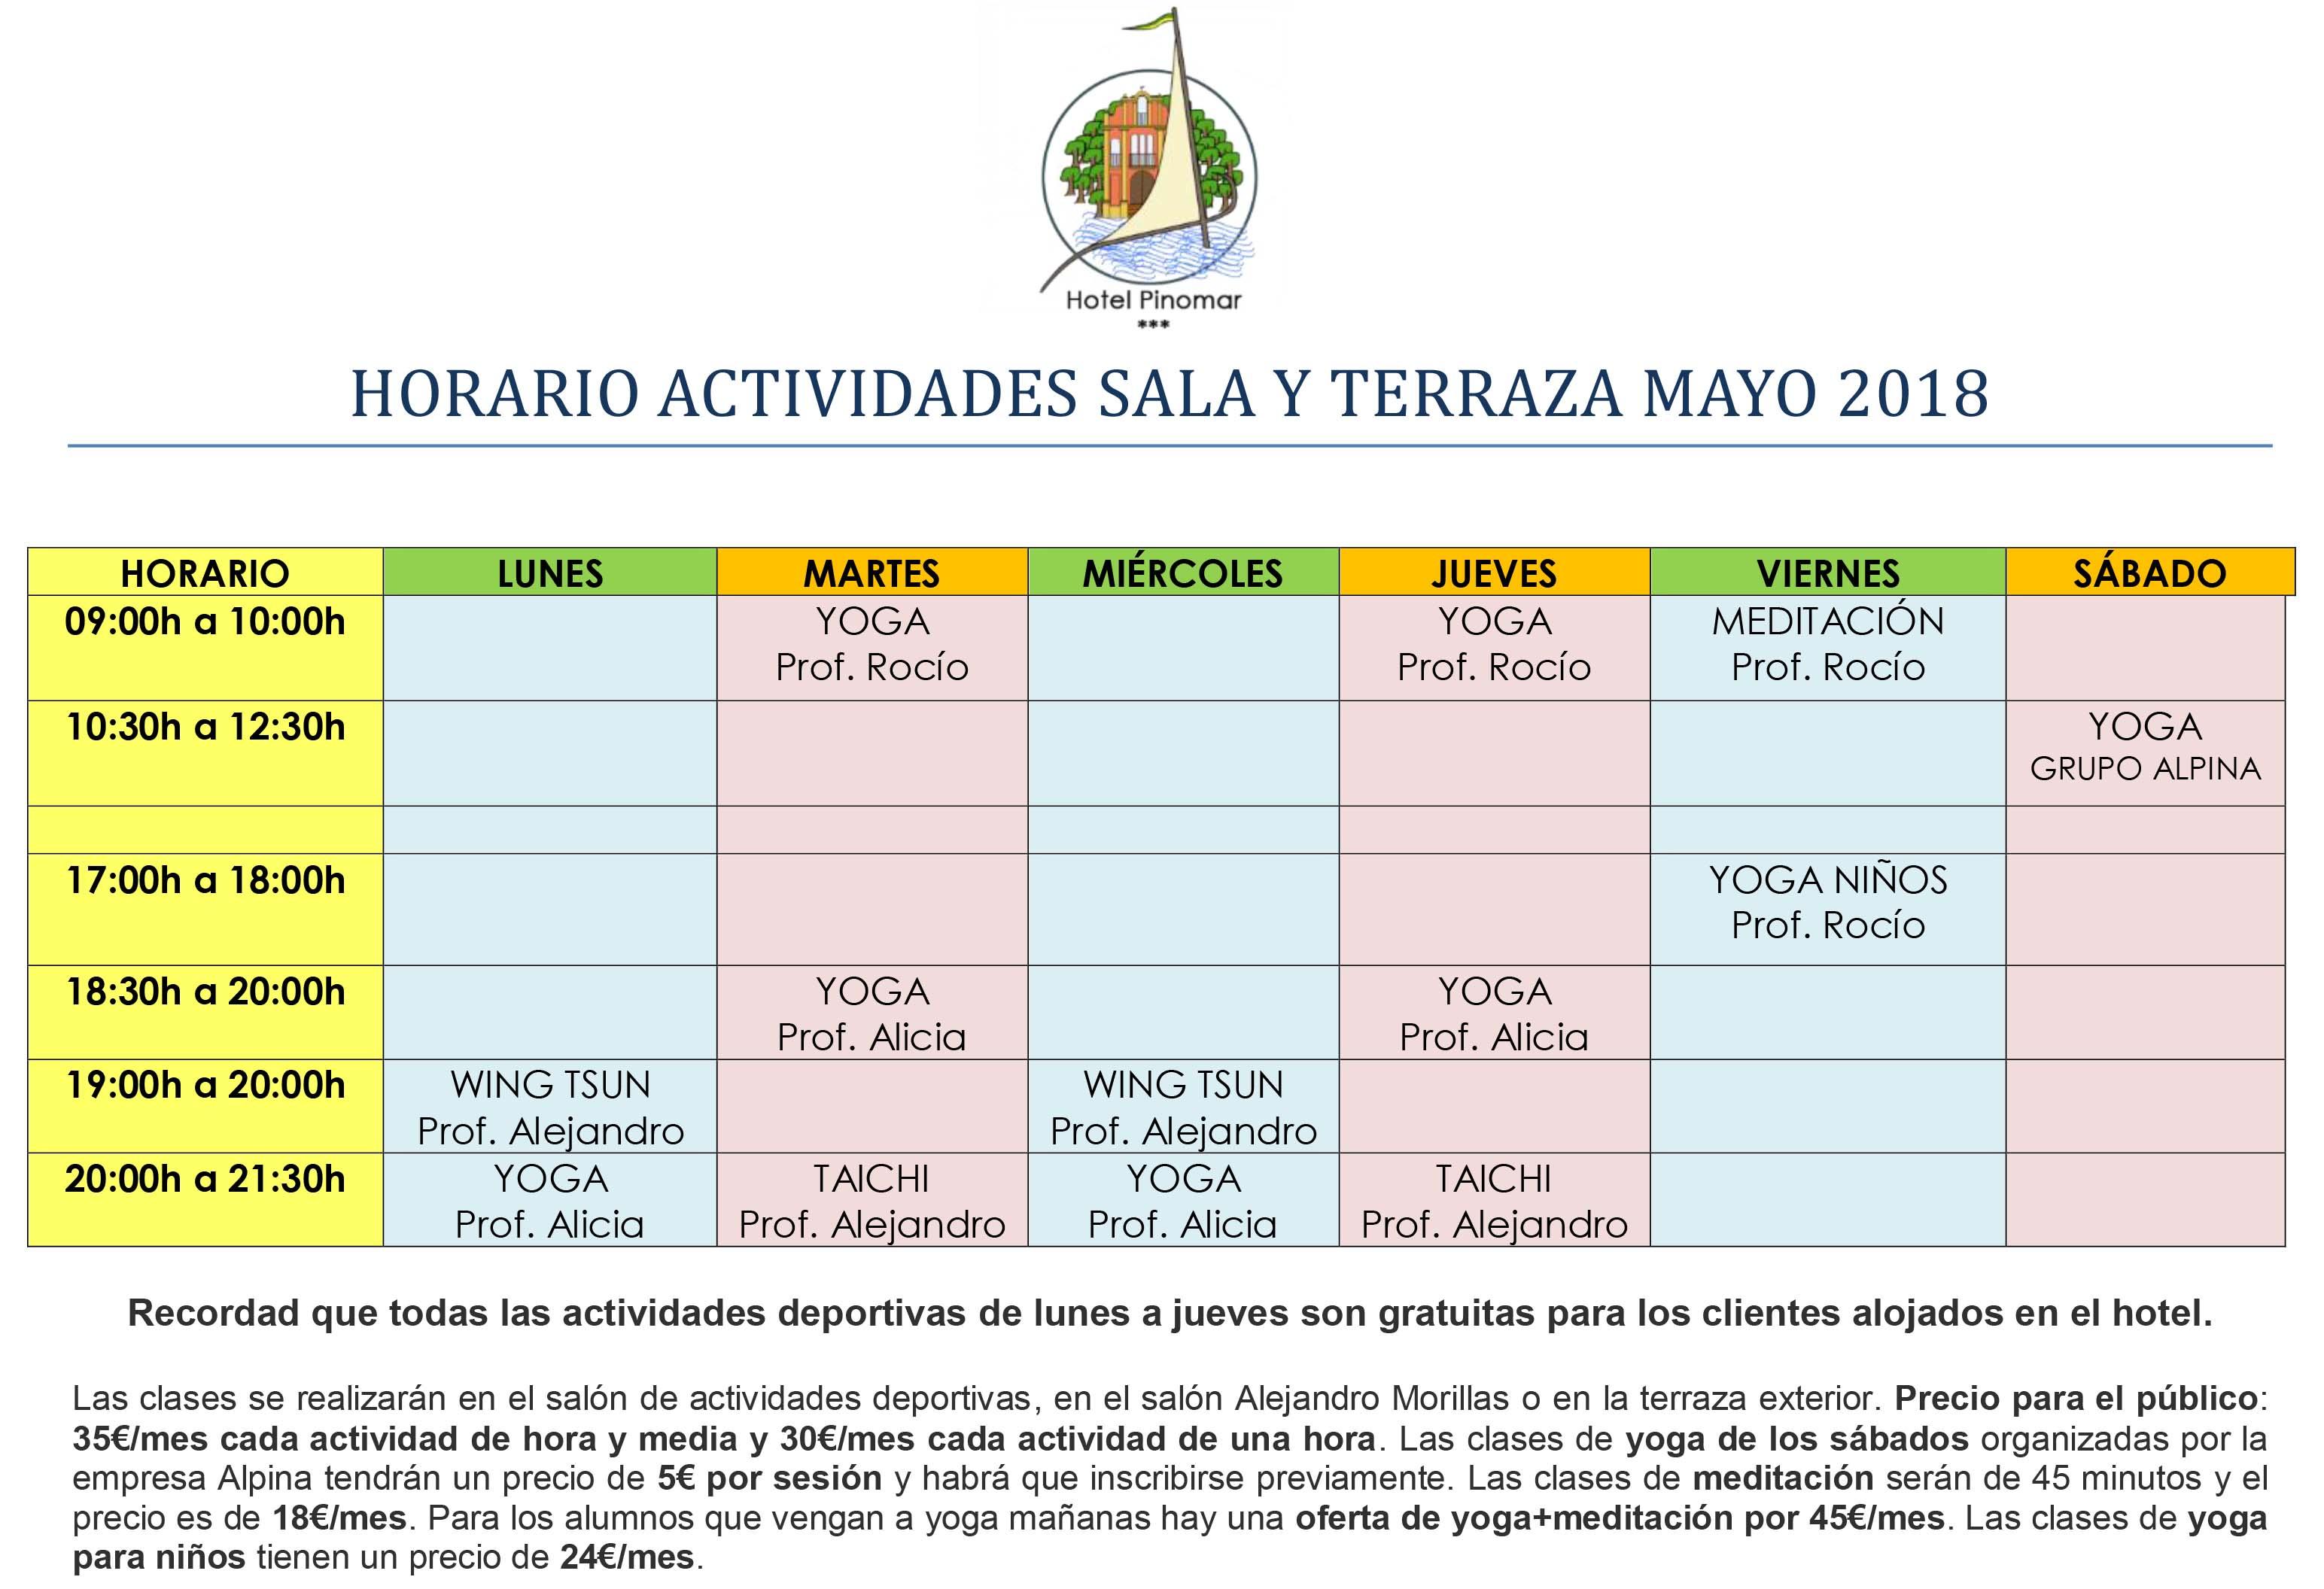 HORARIO ACTIVIDADES DIRIGIDAS MAYO 2018